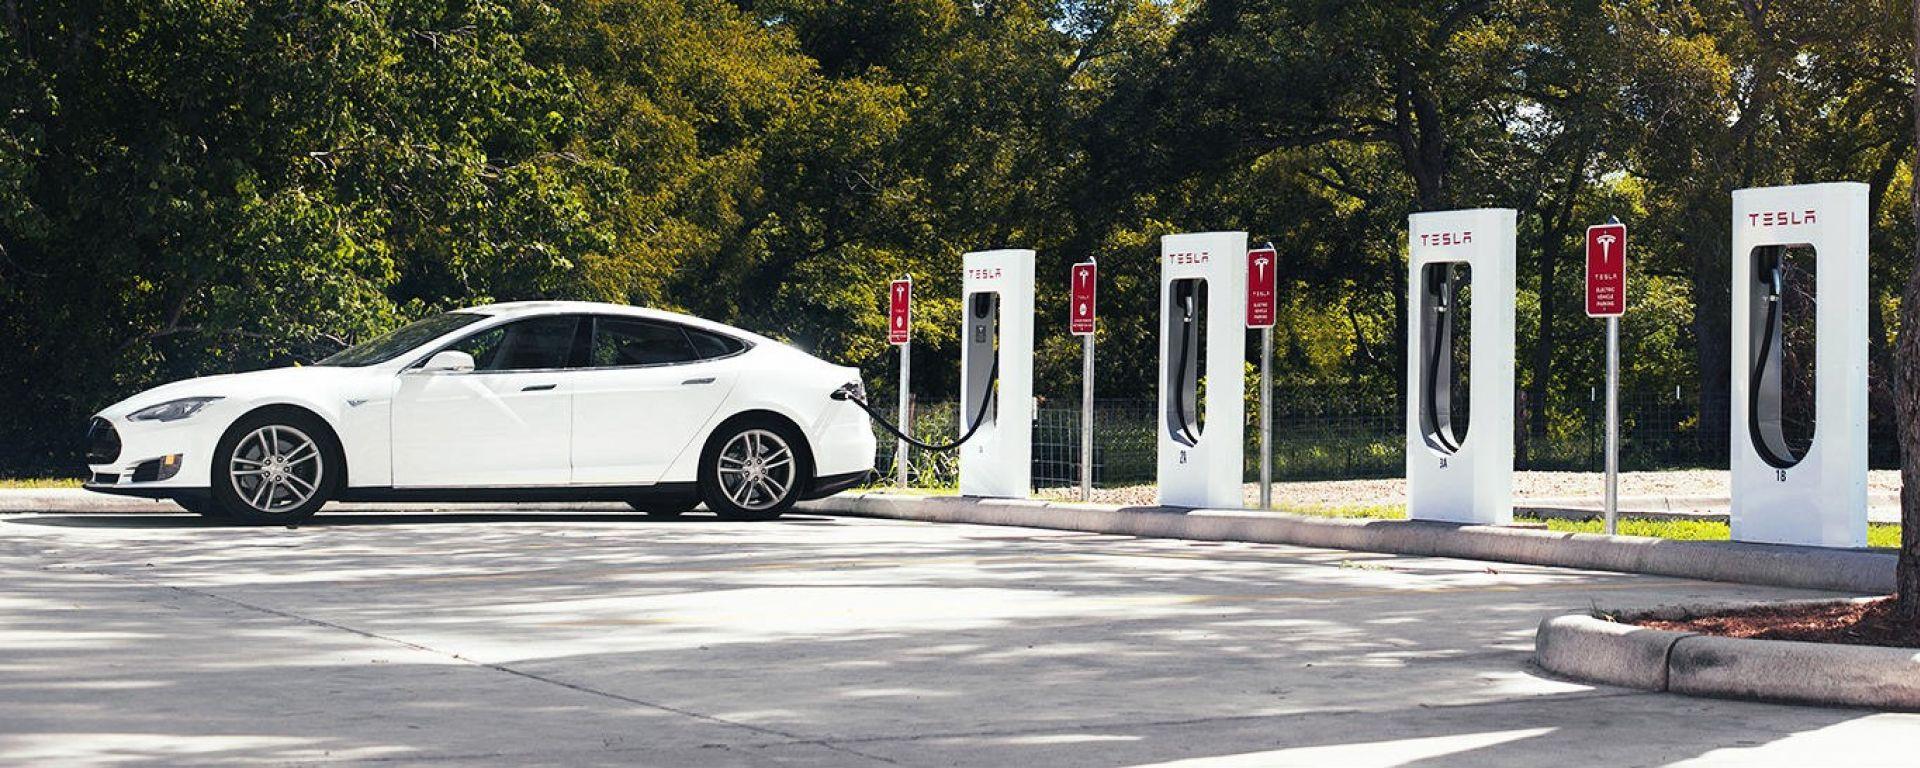 Tesla Model S in ricarica a una stazione Supercharger